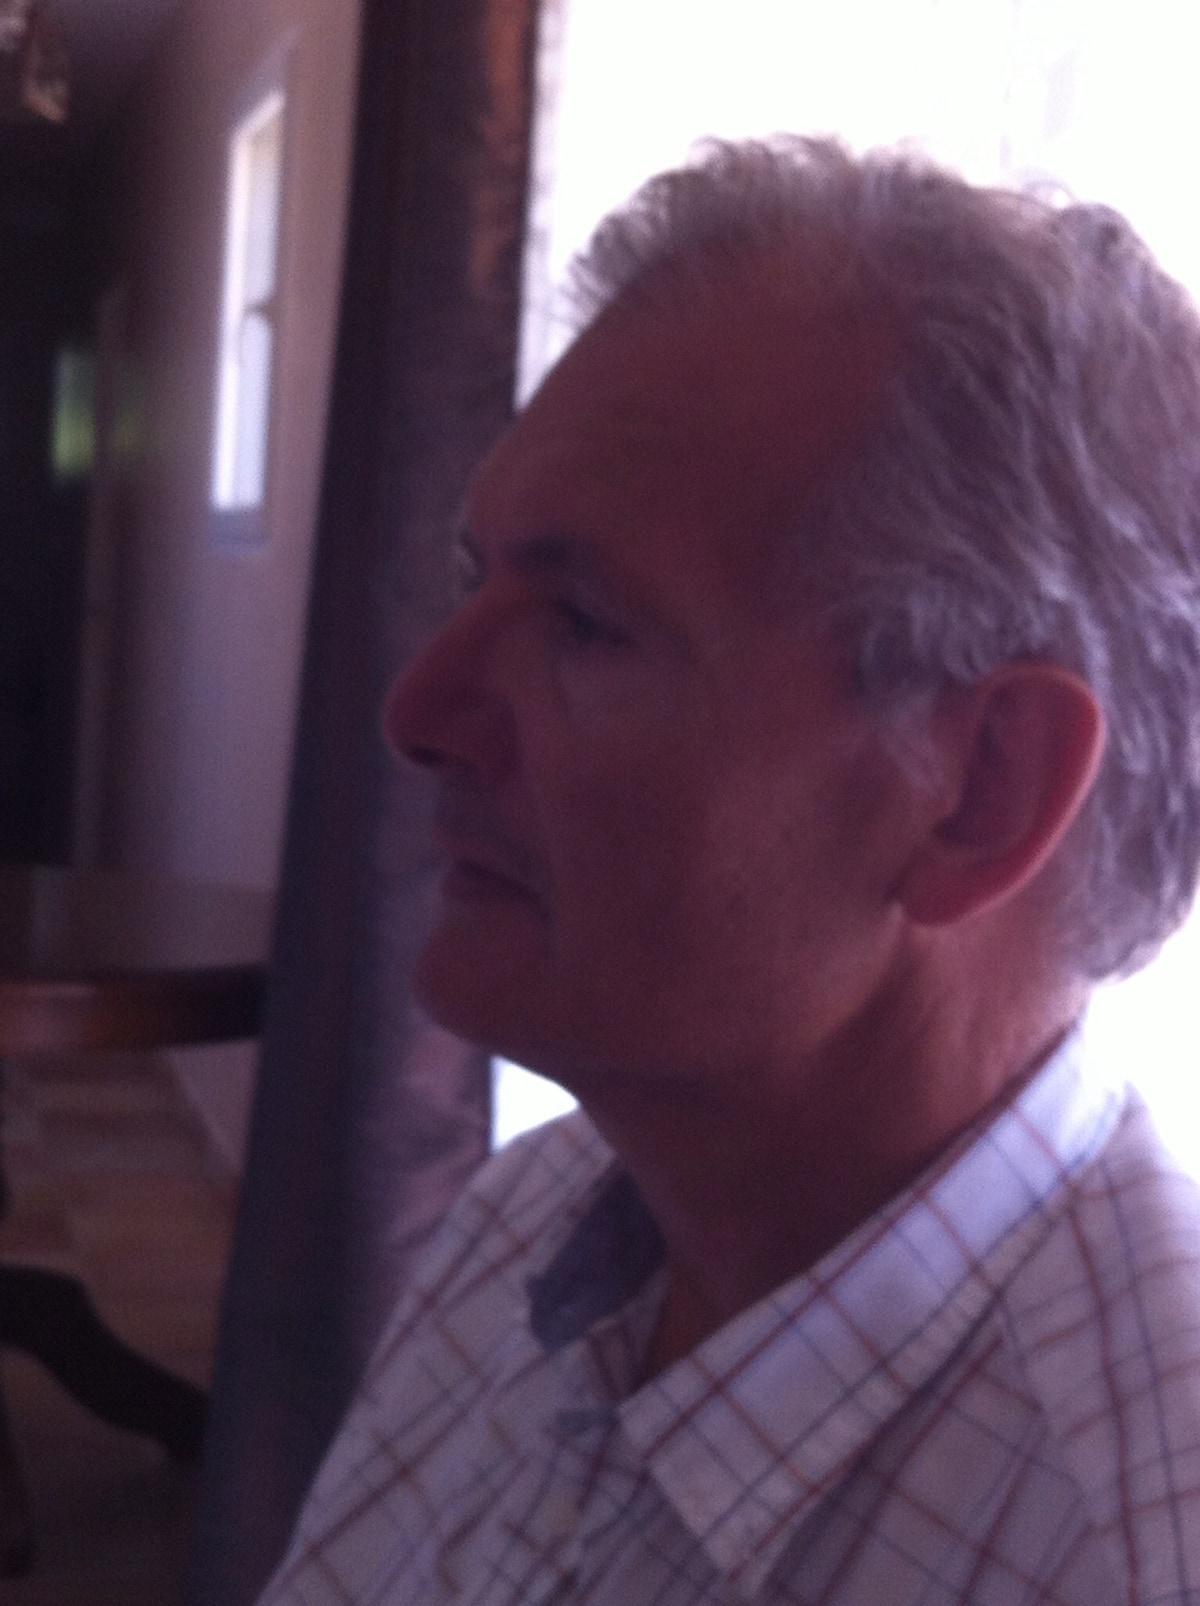 Robert from Agde